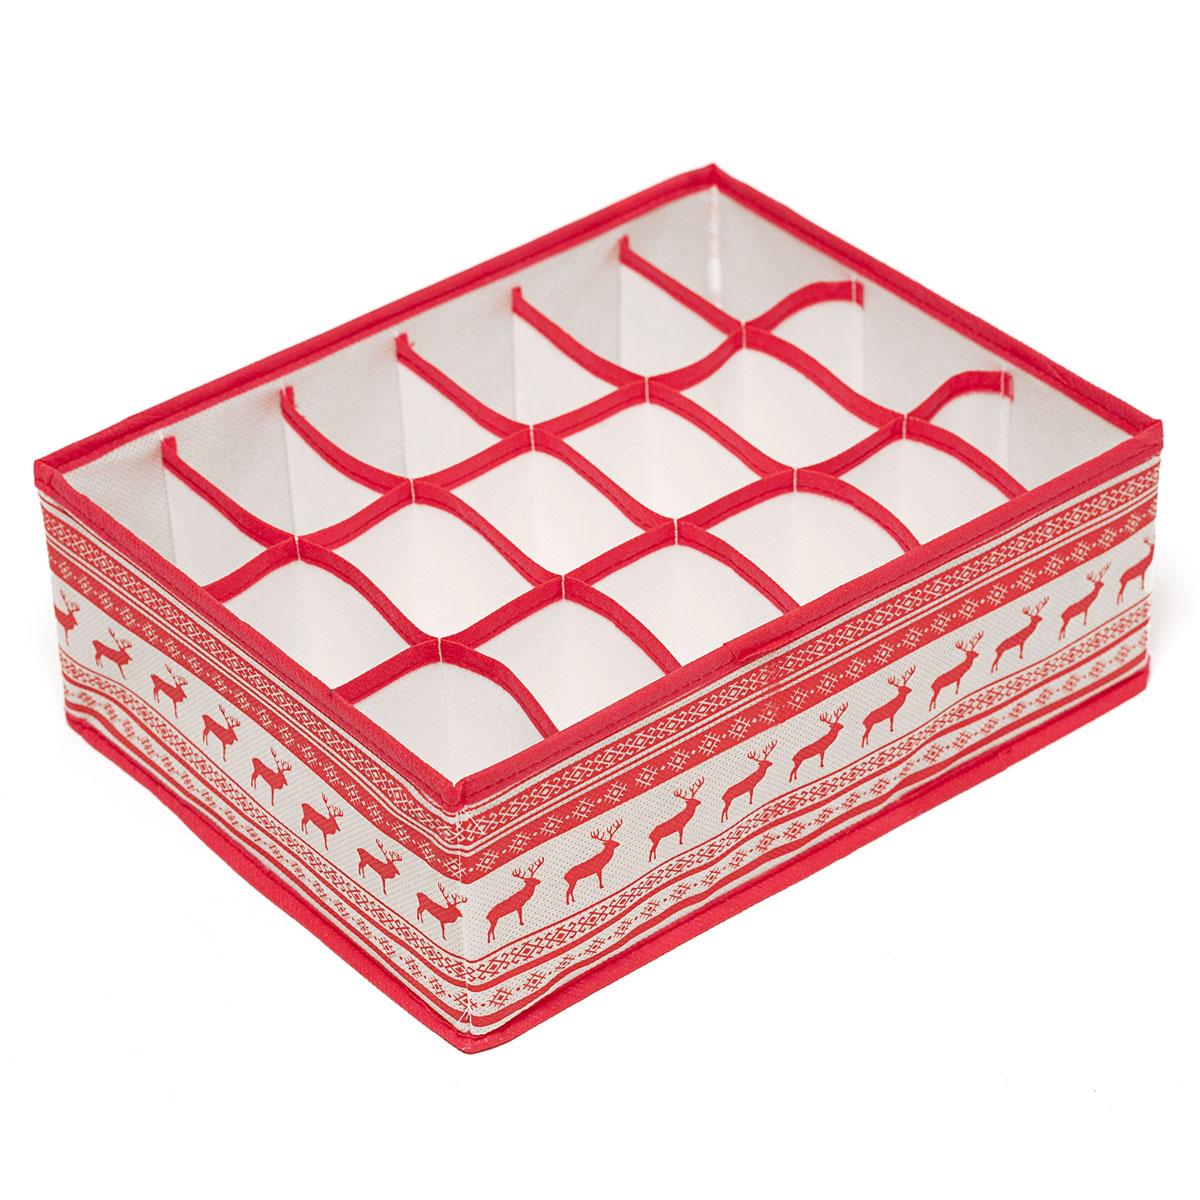 Органайзер для хранения вещей Homsu Scandinavia, 18 секций, 31 х 24 х 11 смRG-D31SКомпактный складной органайзер Homsu Scandinavia изготовлен из высококачественного полиэстера, который обеспечивает естественную вентиляцию. Материал позволяет воздуху свободно проникать внутрь, но не пропускает пыль. Органайзер отлично держит форму, благодаря вставкам из плотного картона. Изделие имеет 18 квадратных секций для хранения носков, платков, галстуков и других вещей.Такой органайзер позволит вам хранить вещи компактно и удобно.Размер секции: 7 х 5 см.